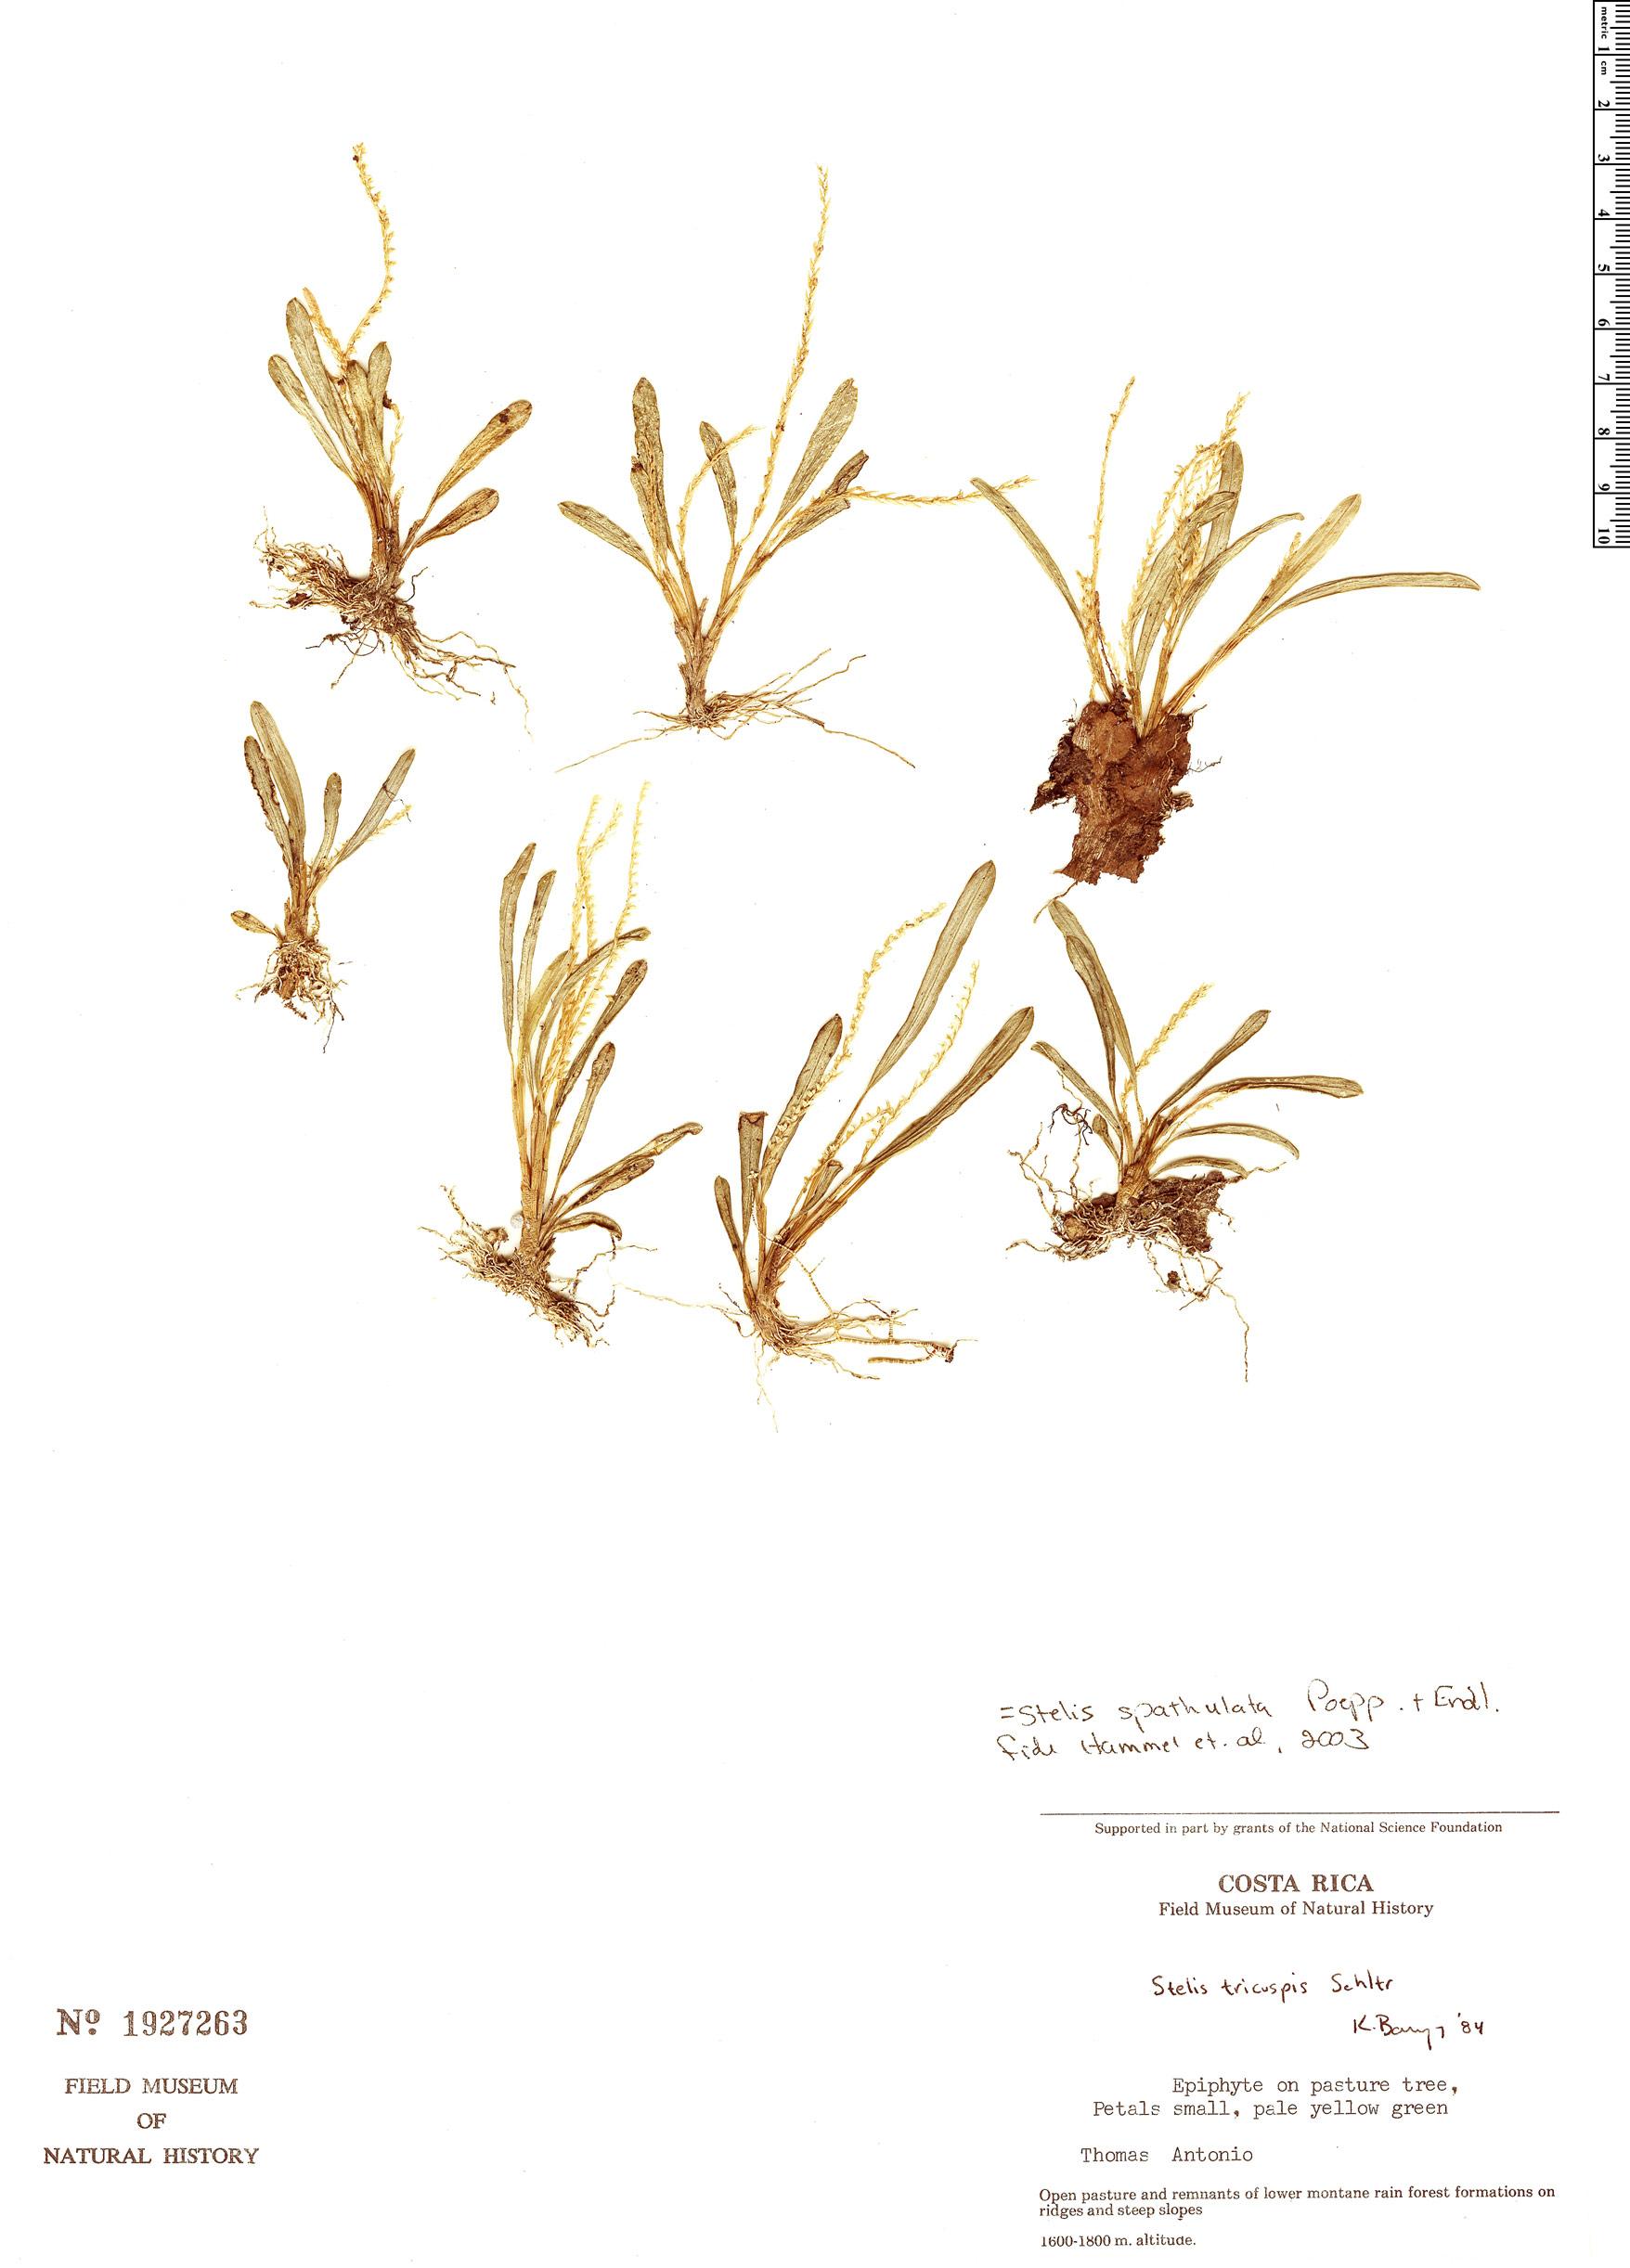 Specimen: Stelis spathulata